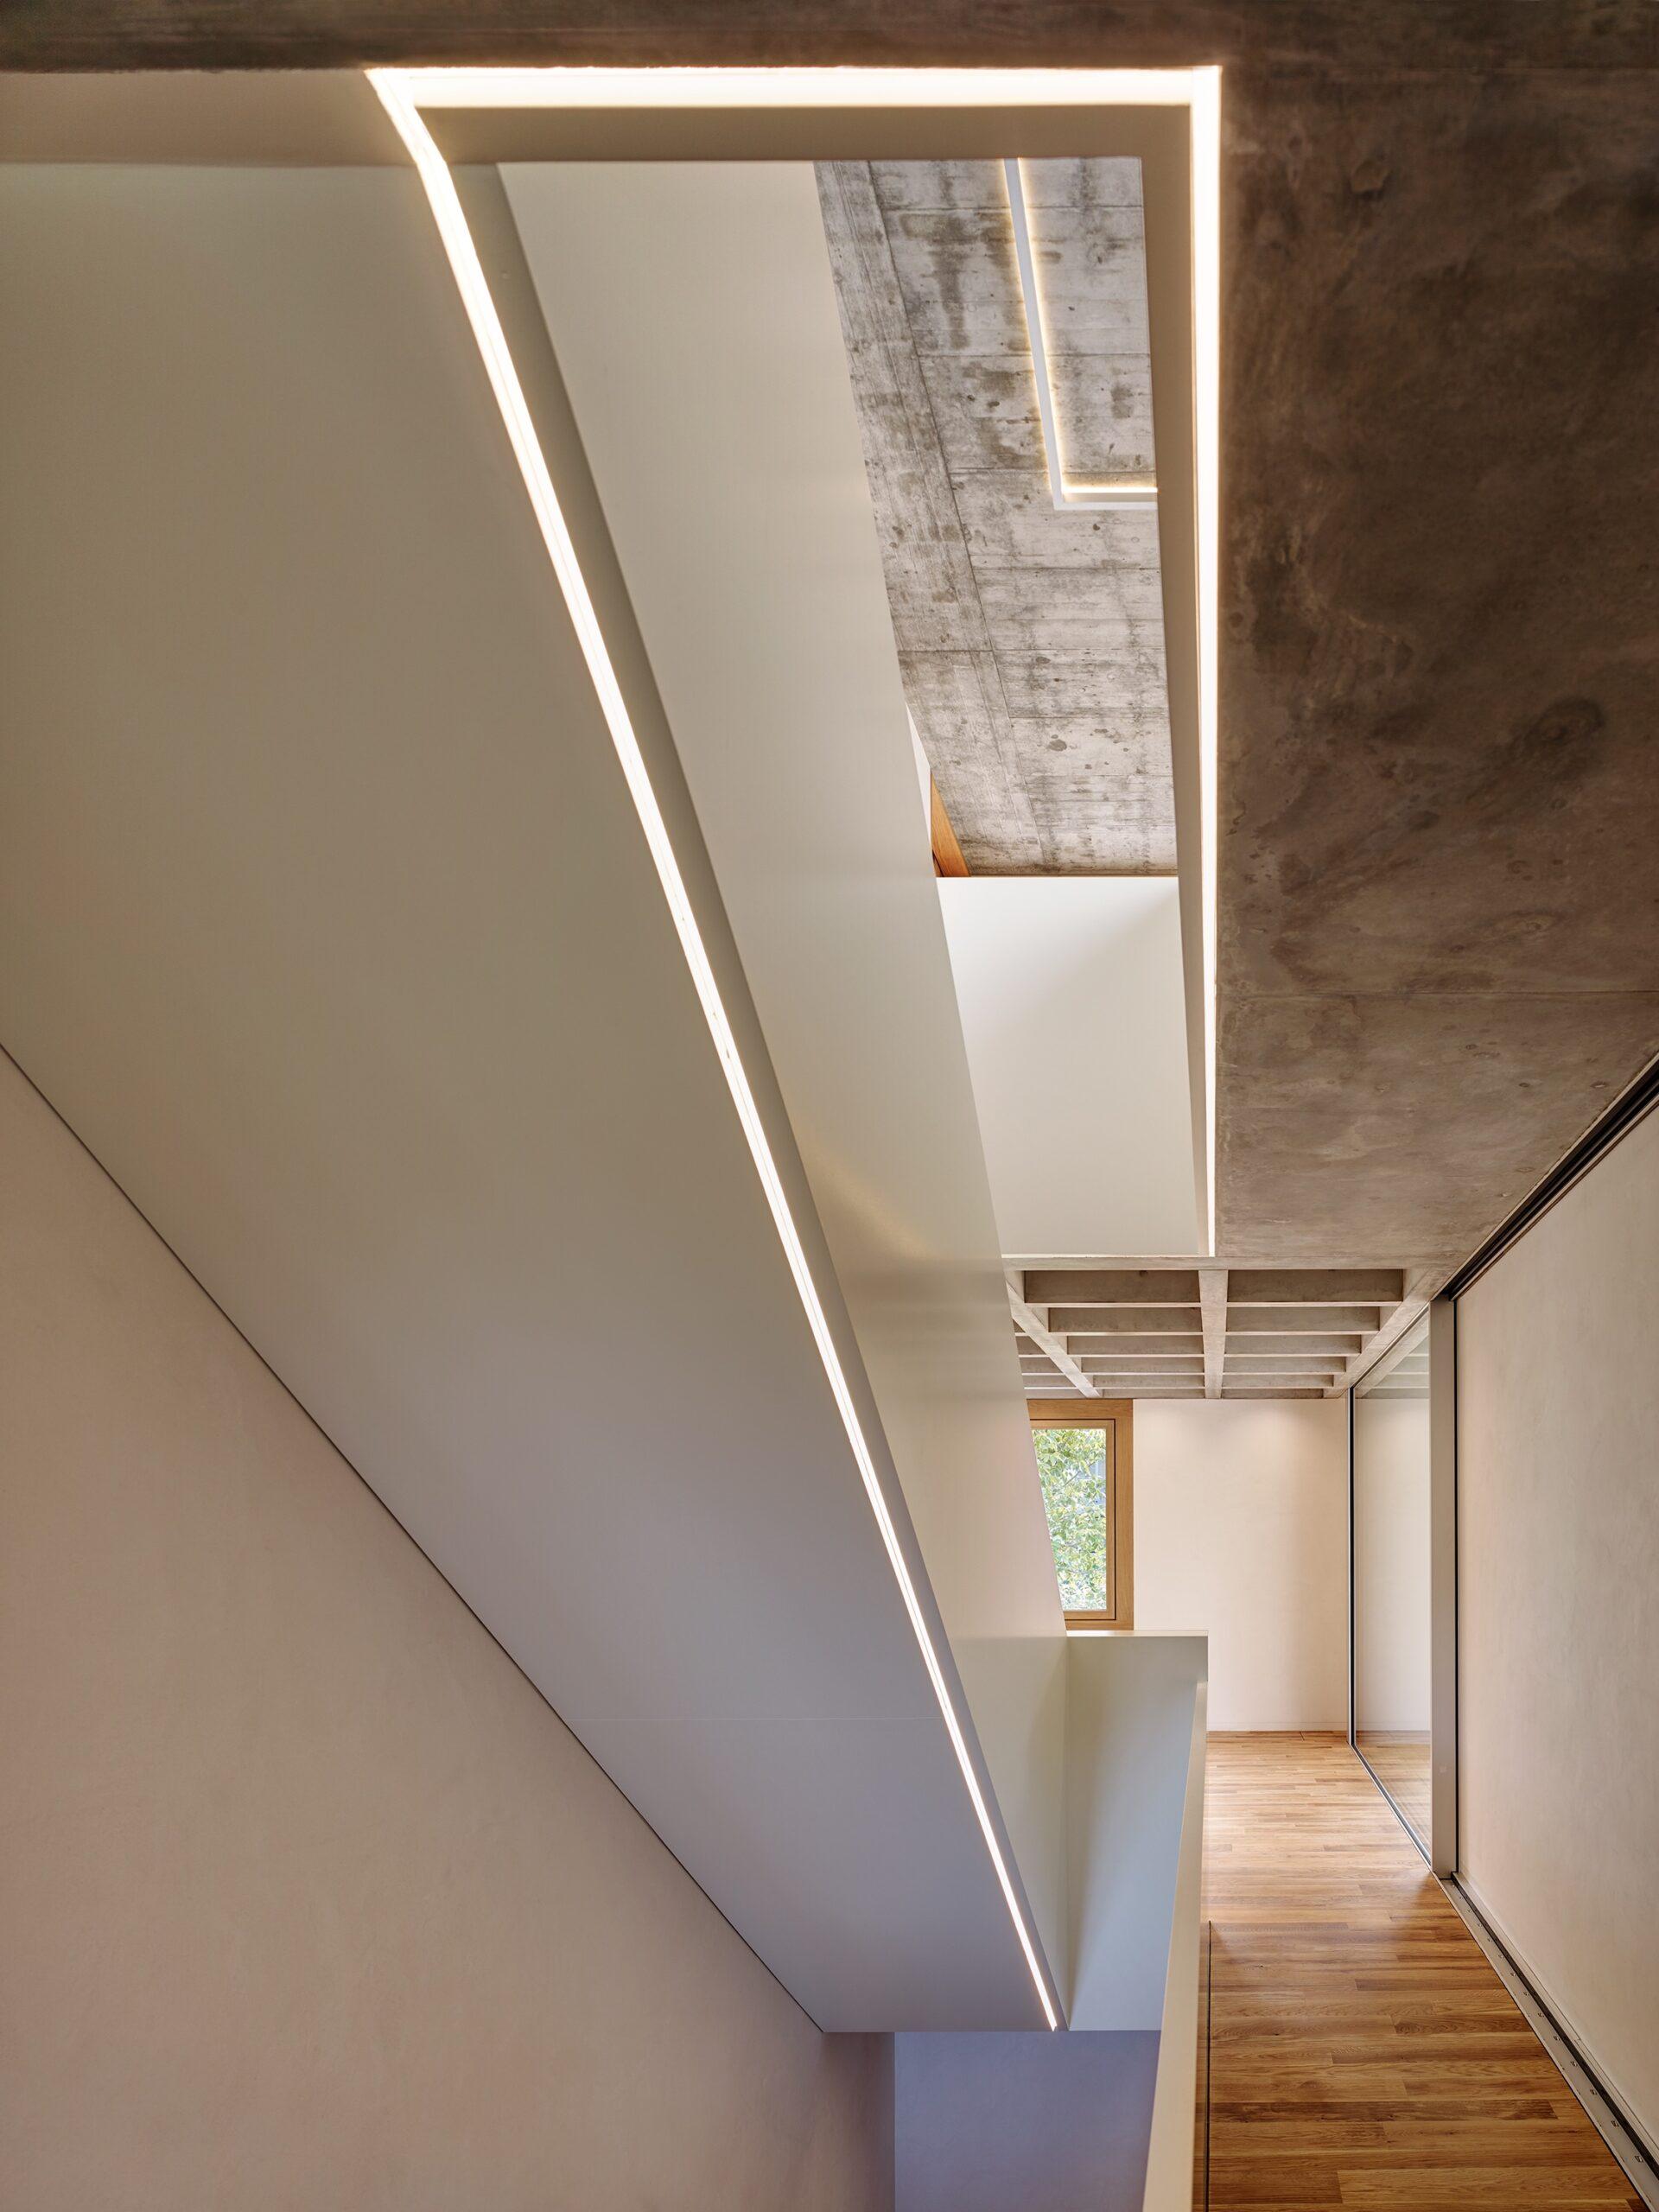 Haus Holdergasse, Stiegenhaus und Decke, BE Architekten, Olex, Marc Lins